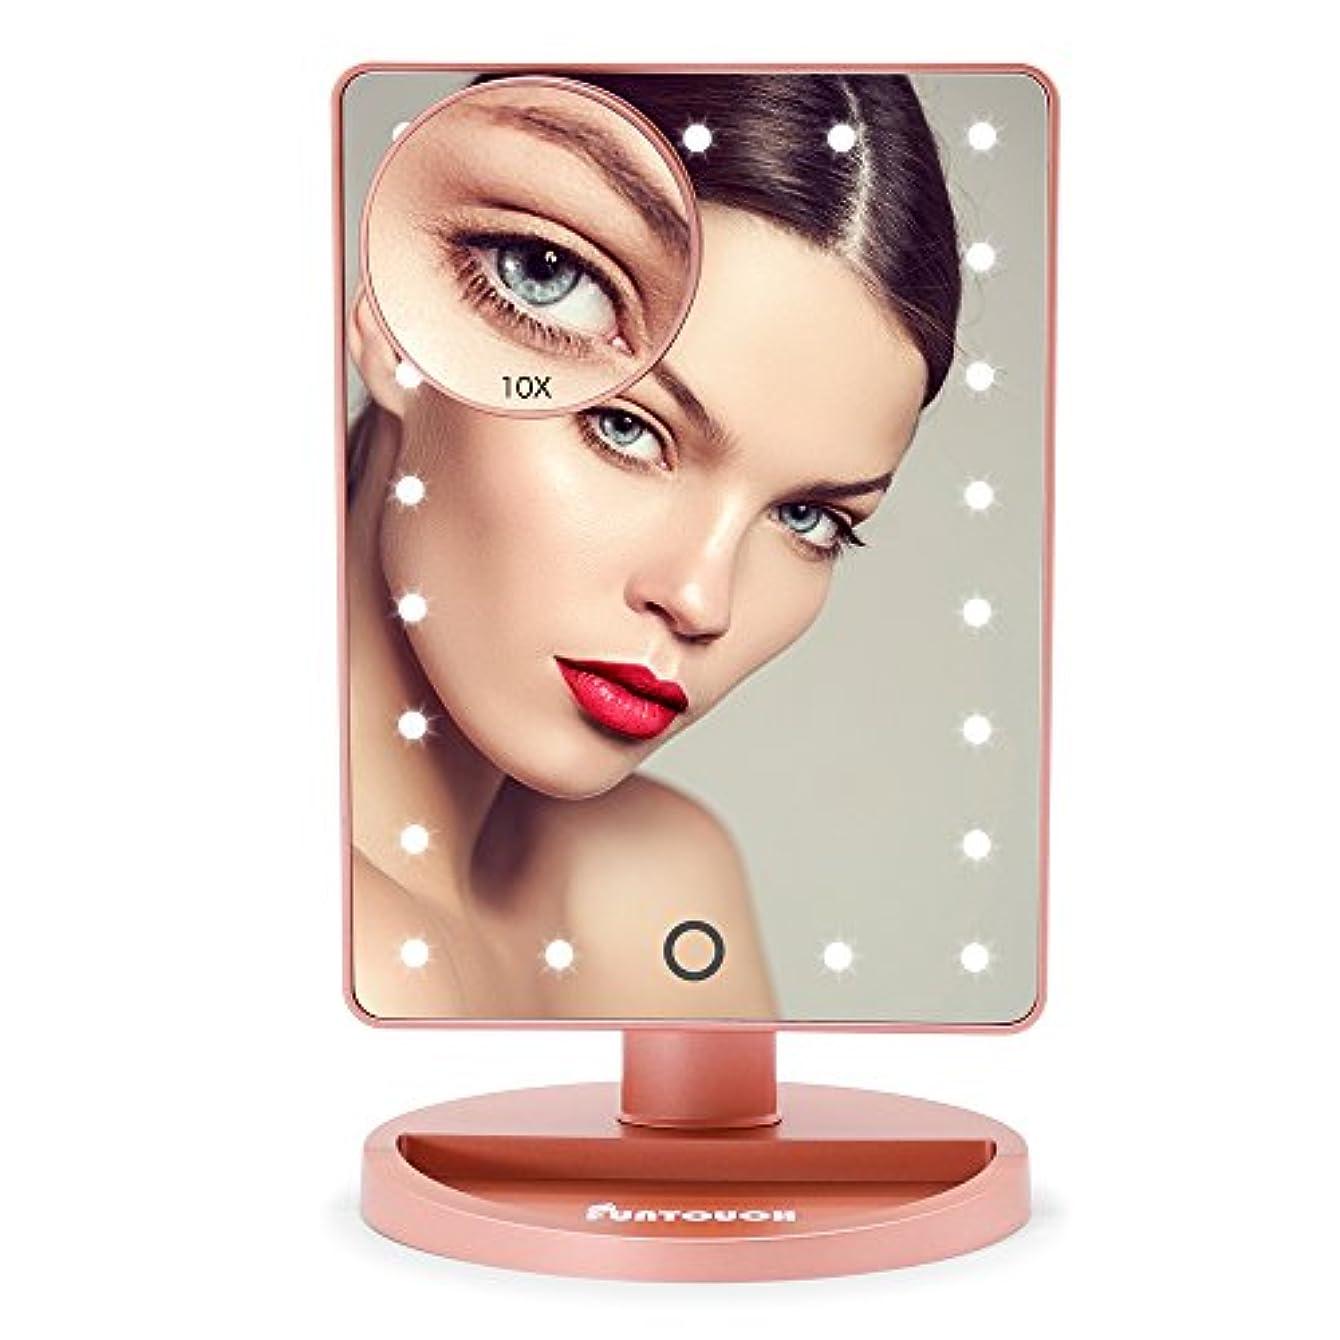 経由で名門縮れた化粧鏡 卓上鏡 化粧ミラー 鏡 女優ミラー 卓上 21 led 拡大鏡 10倍 明るさ調節可能 180°回転 電池給電(Rose Gold)